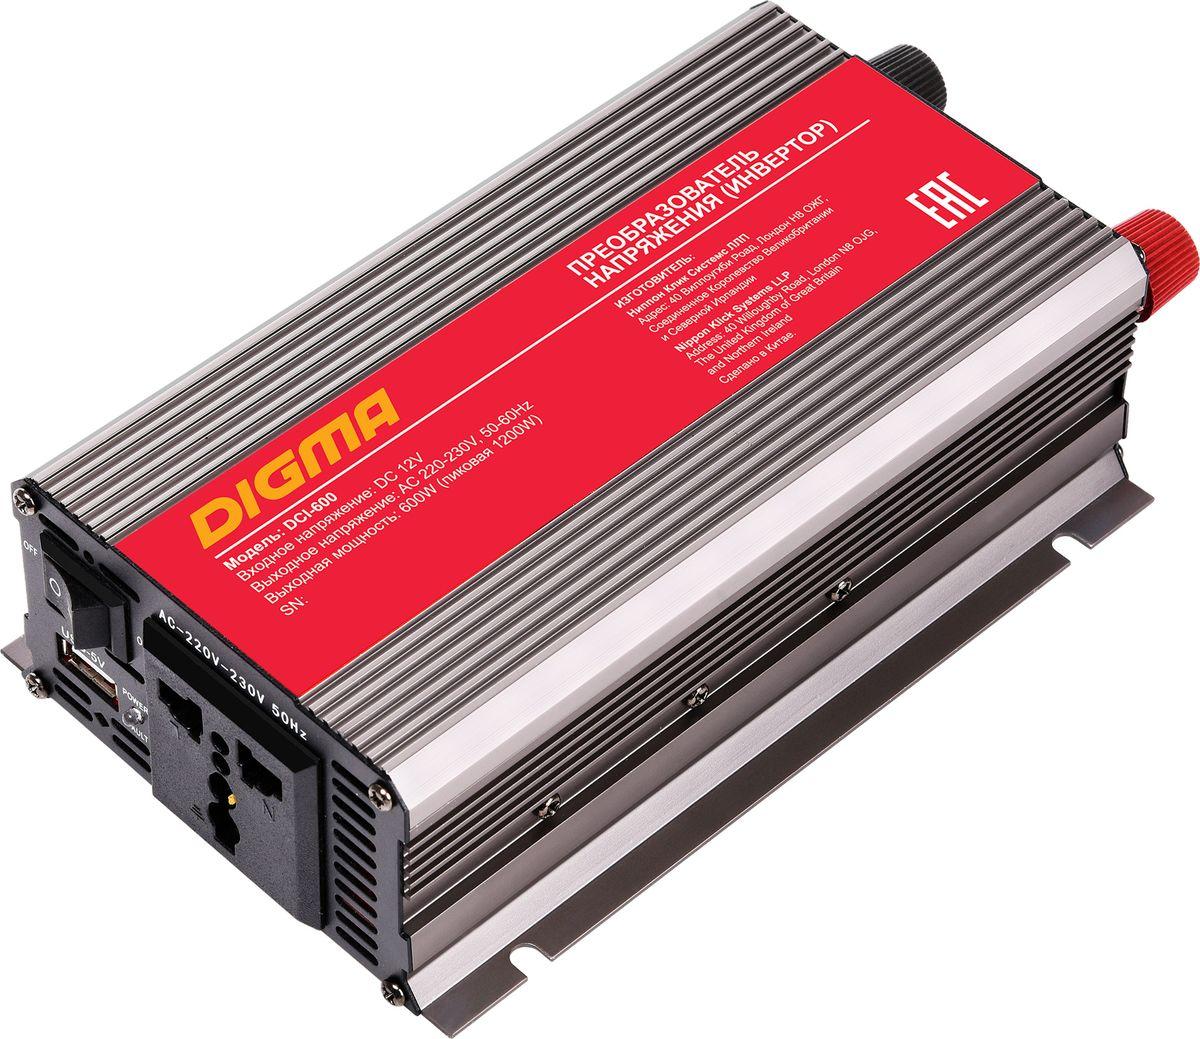 Digma DCI-600 автоинвертер77427Способ подключения к аккумулятору: прикуриватель или клеммы Порт USBЗащита от неправильной полярности Защита от перегрузок Кратковременная пиковая мощность: 1200 Вт Выходная мощность: 600 Вт Входное напряжение (DC): 11-15В Выходное напряжение (AC): 230 Размеры: 95x55x190мм Срок гарантии: 12 мес.